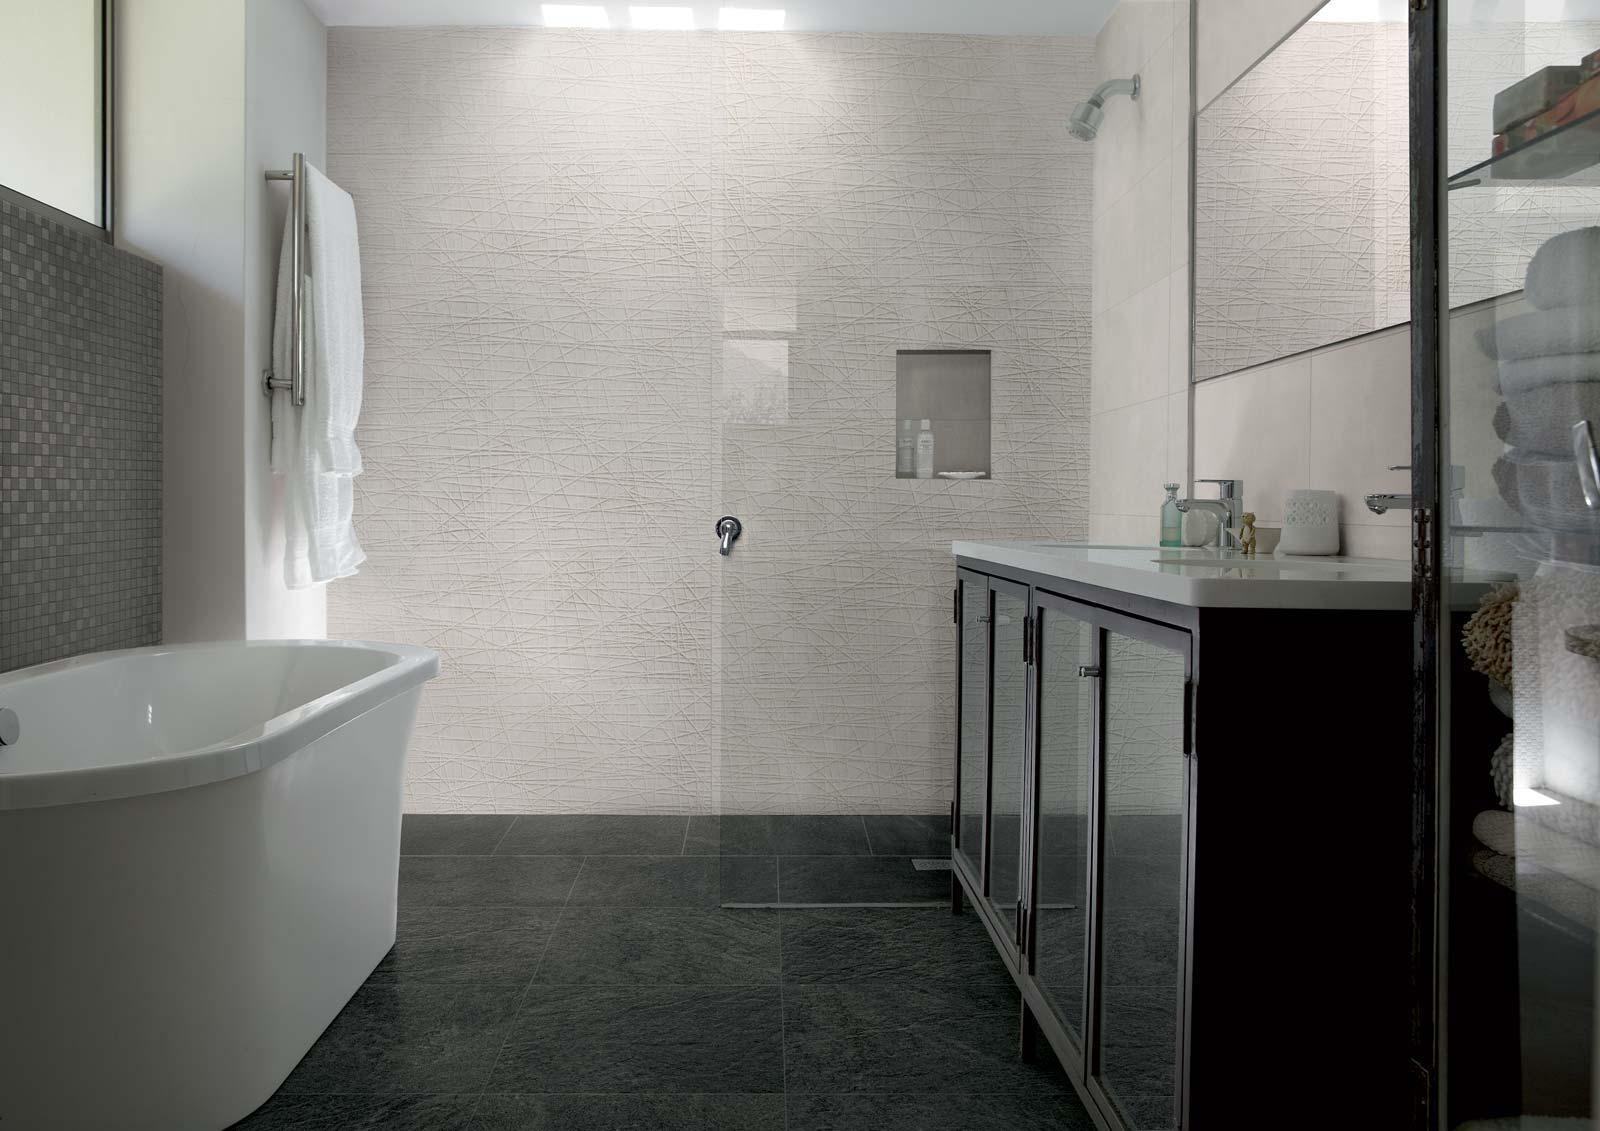 Idee rivestimento bagno: fresco & fabric by marazzi u2013 garbi